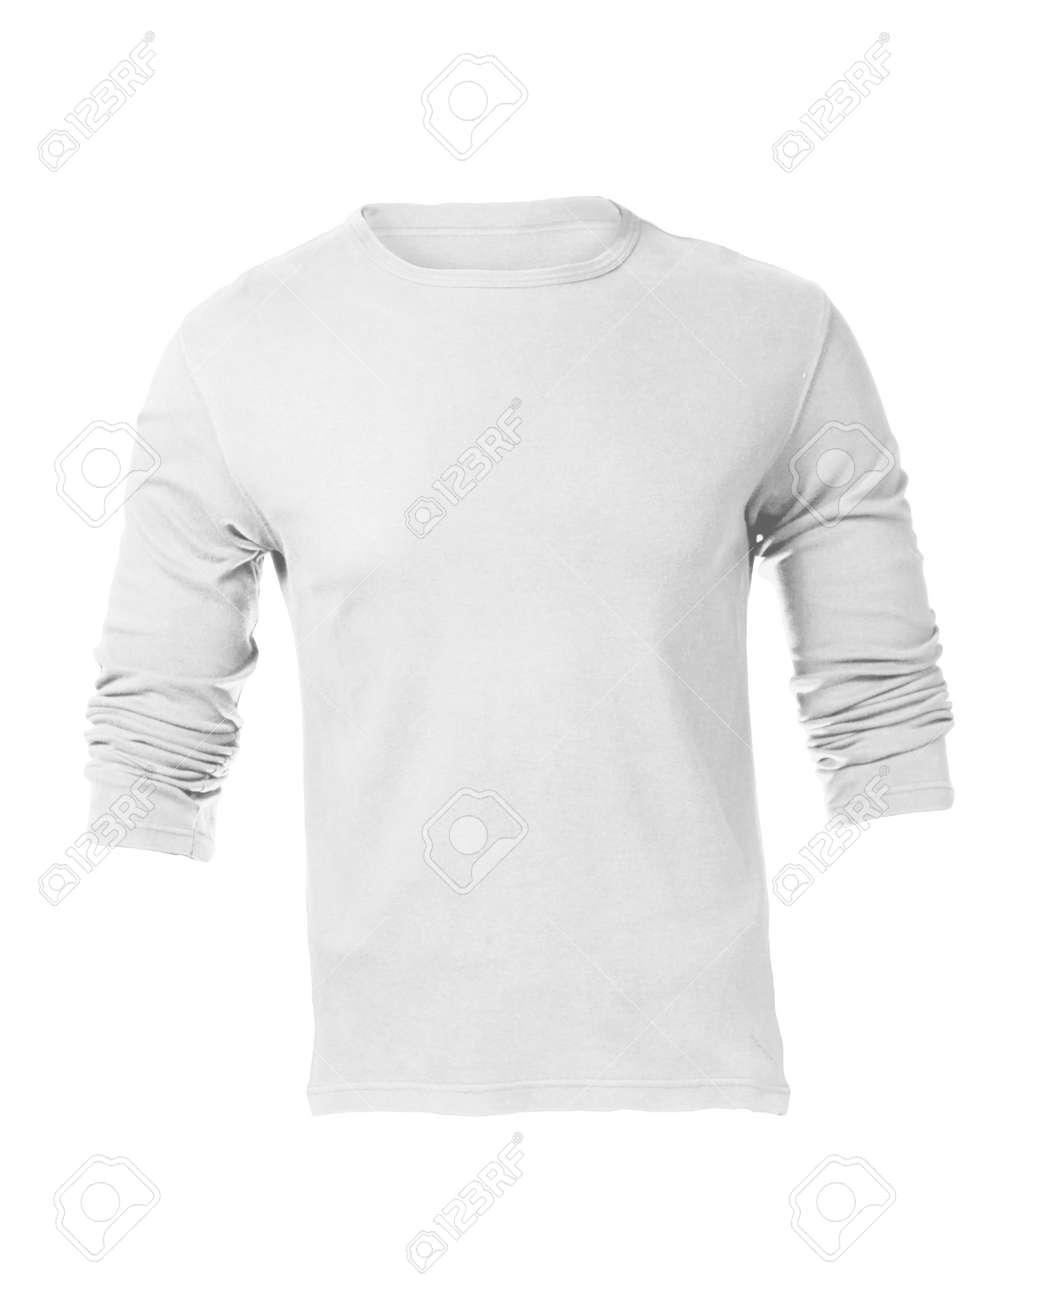 Herren Leere Weiße Langarm-Shirt, Vorder Design-Vorlage Lizenzfreie ...